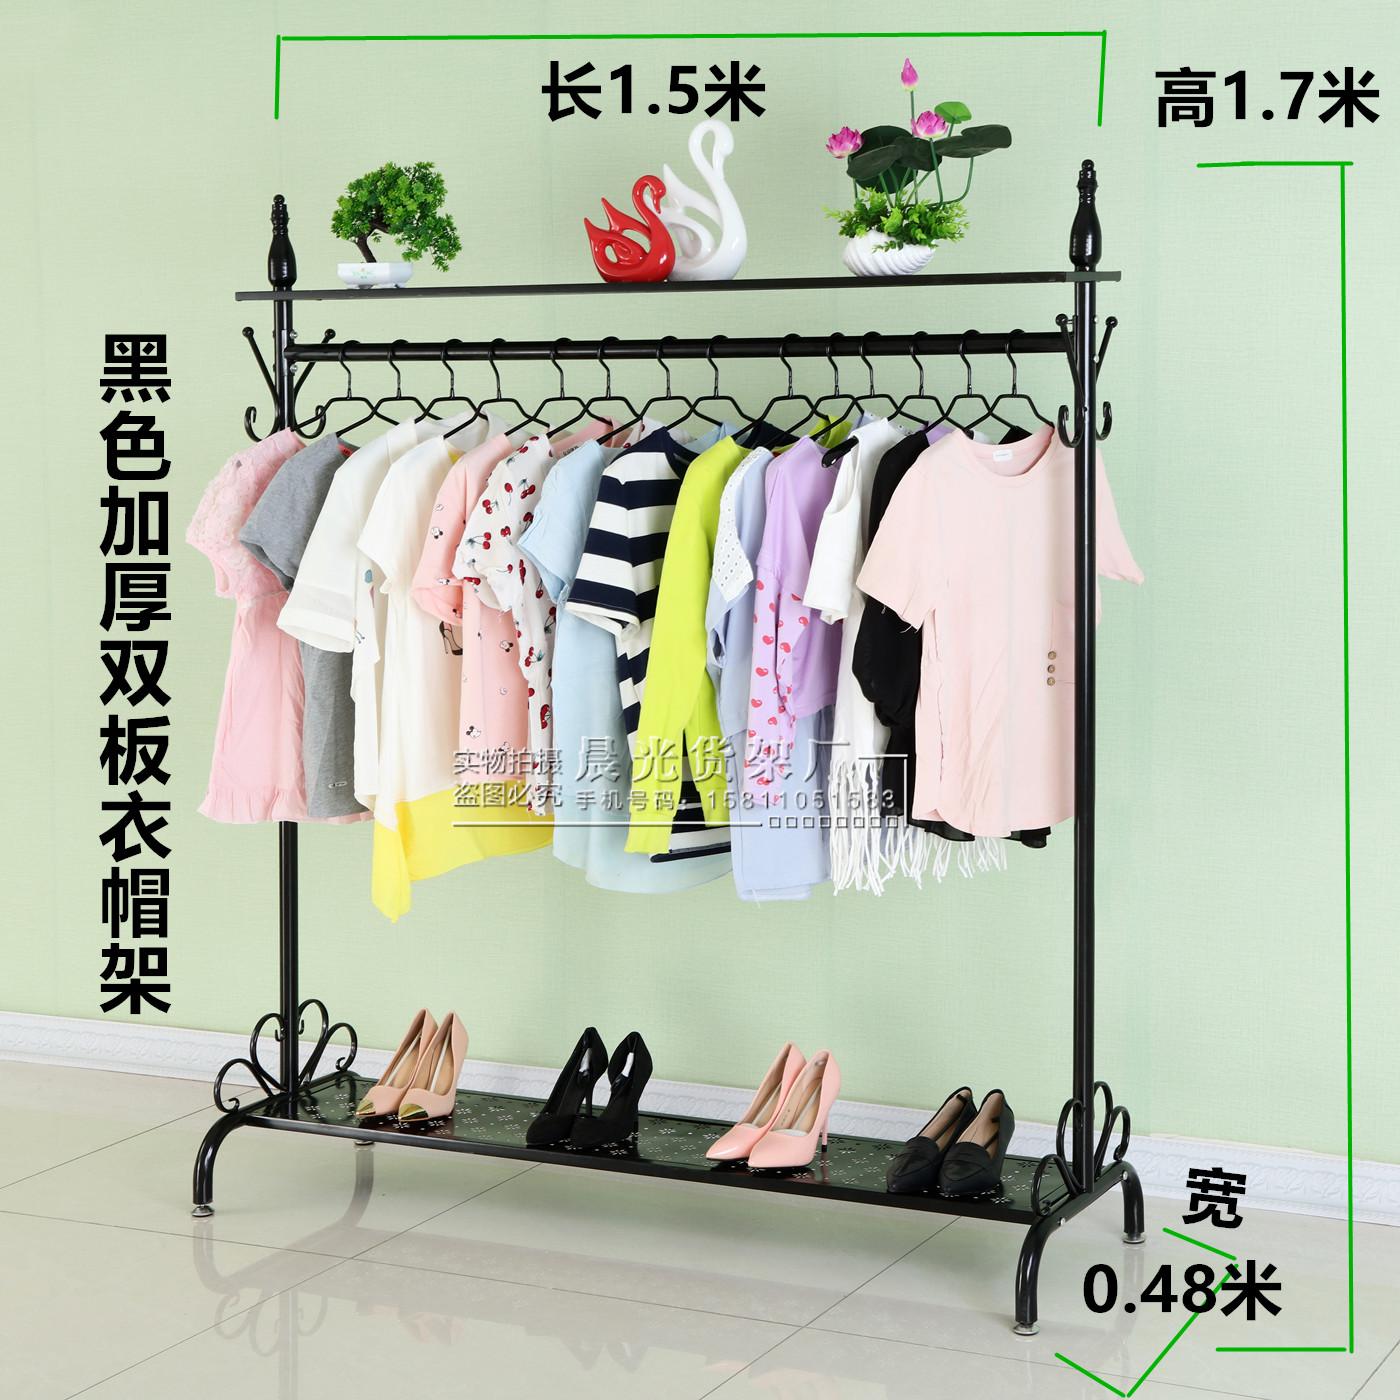 Подставка для стойки магазина одежды один Барная стойка для одежды на стойке для белья на стойке для подиума в спальне один бар